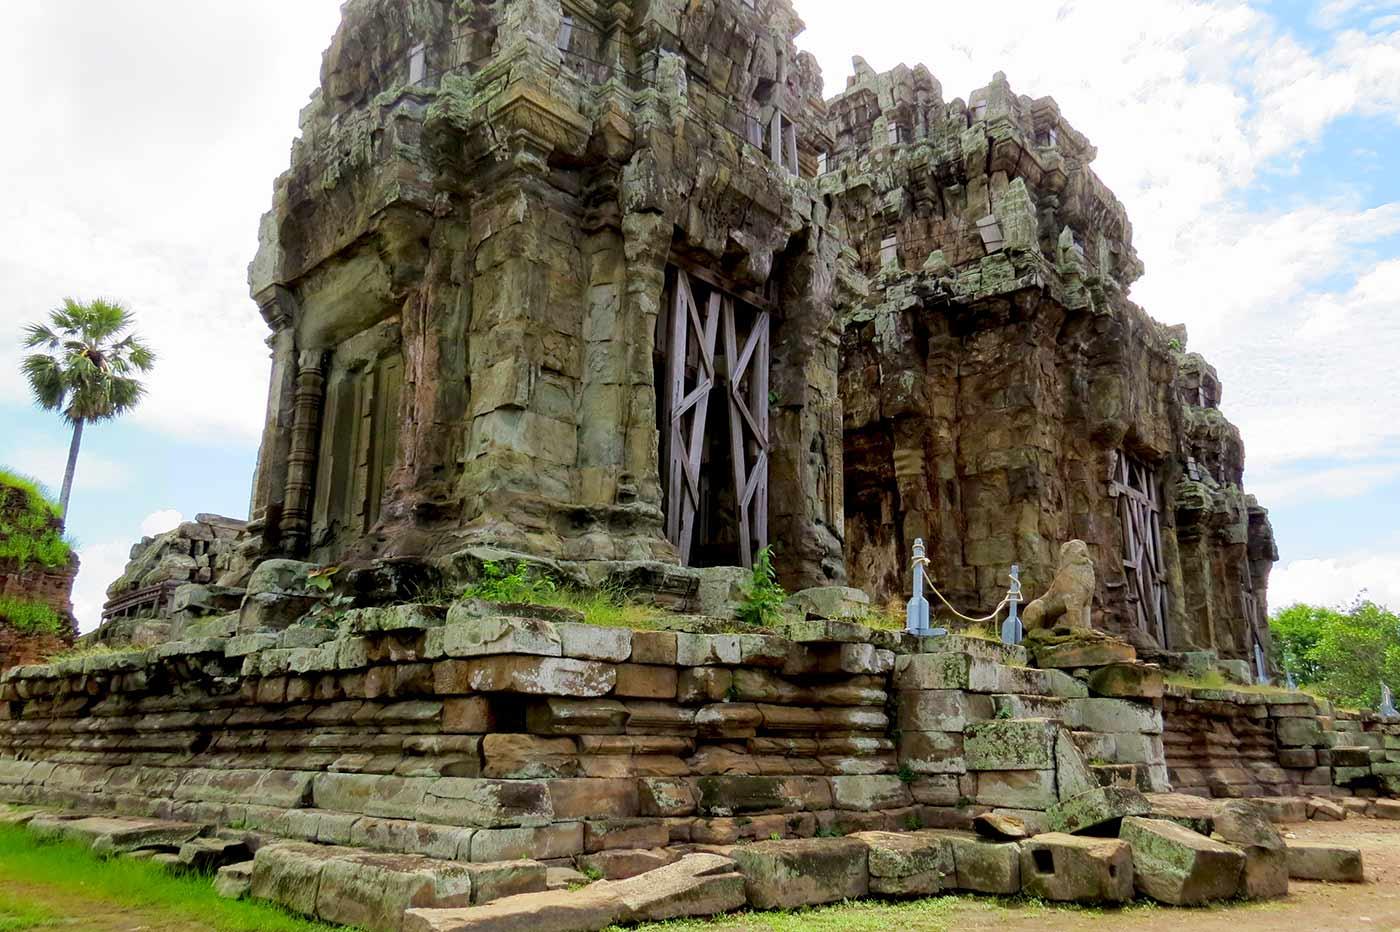 Phnom Krom - Angkor Tempel, Kambodscha